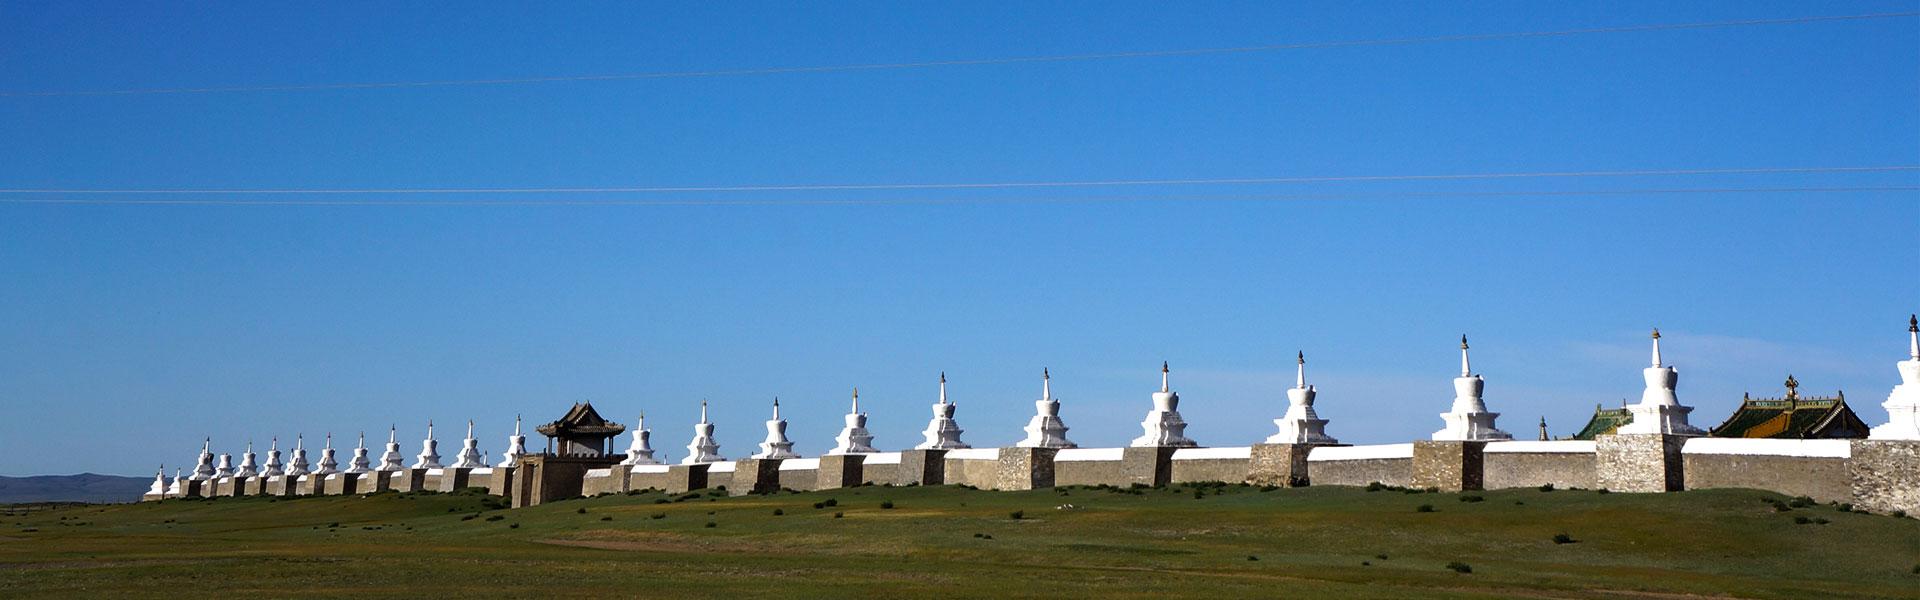 karakorum, erdenezuu, stupas